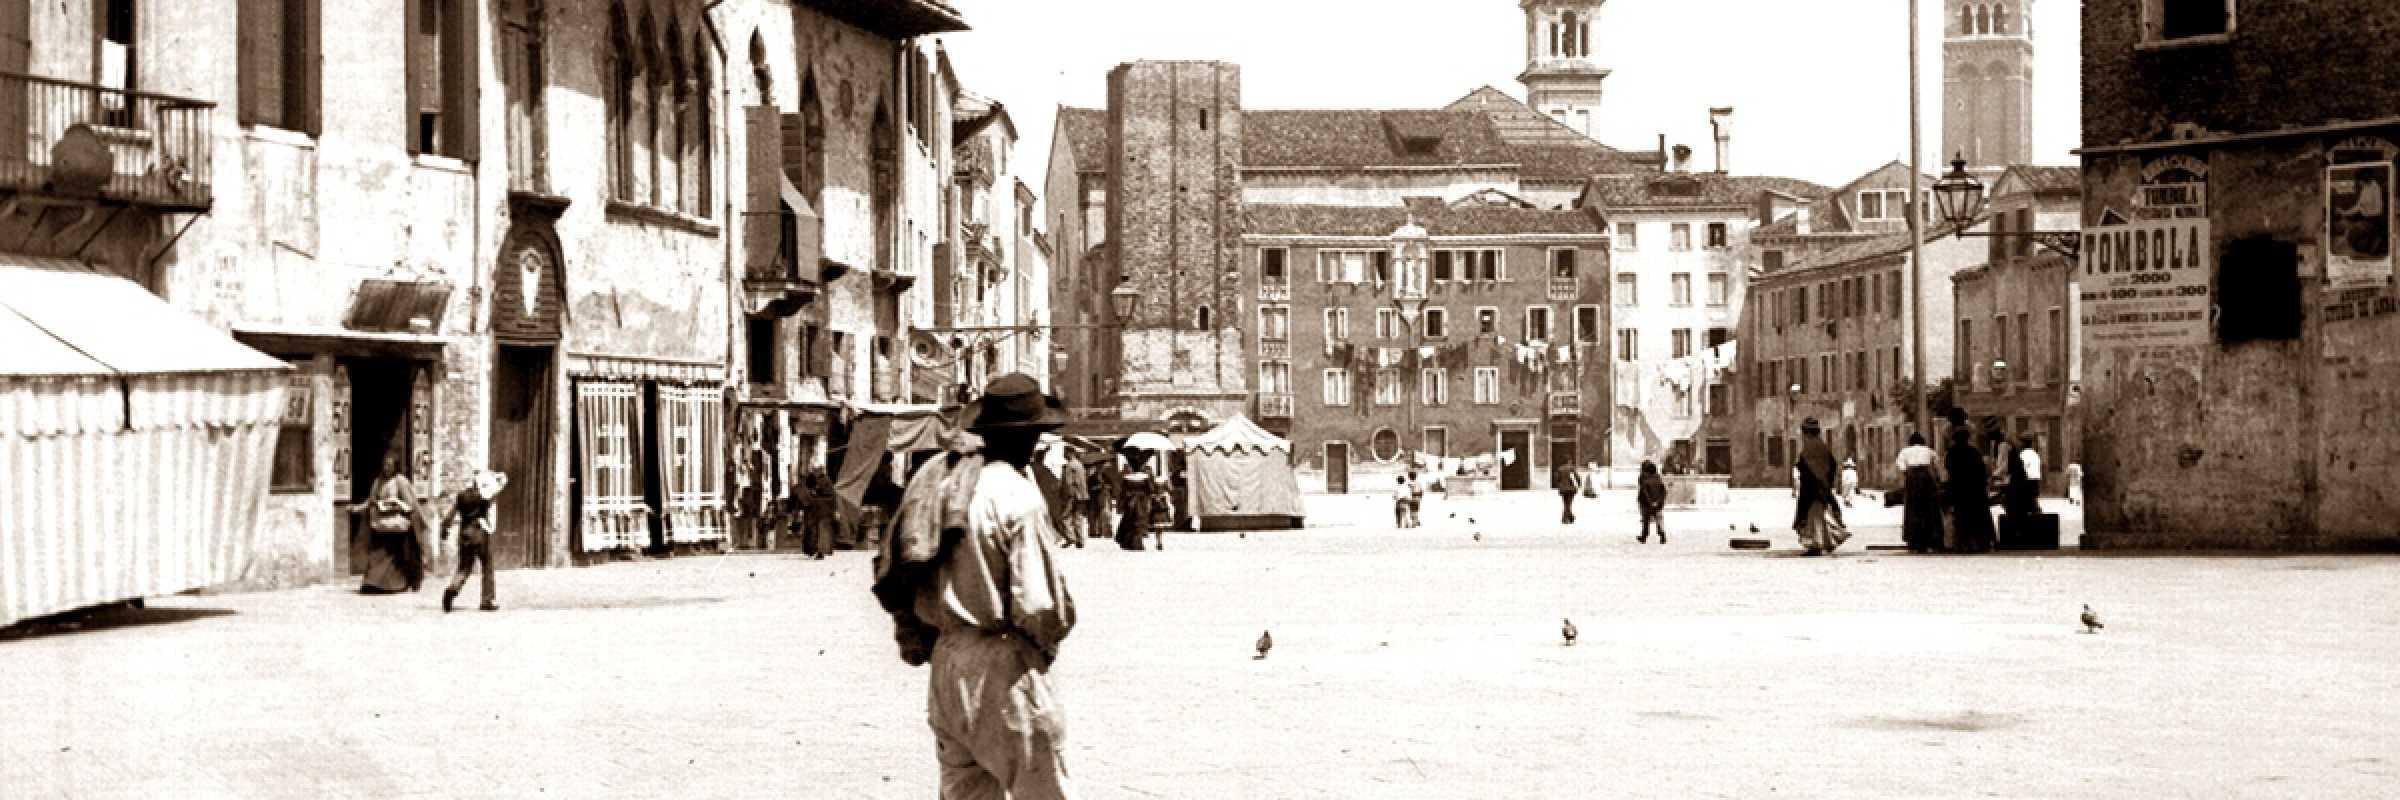 Campo Santa Margherita, 1900 circa (Archivio IRE, fondo T. Filippi).